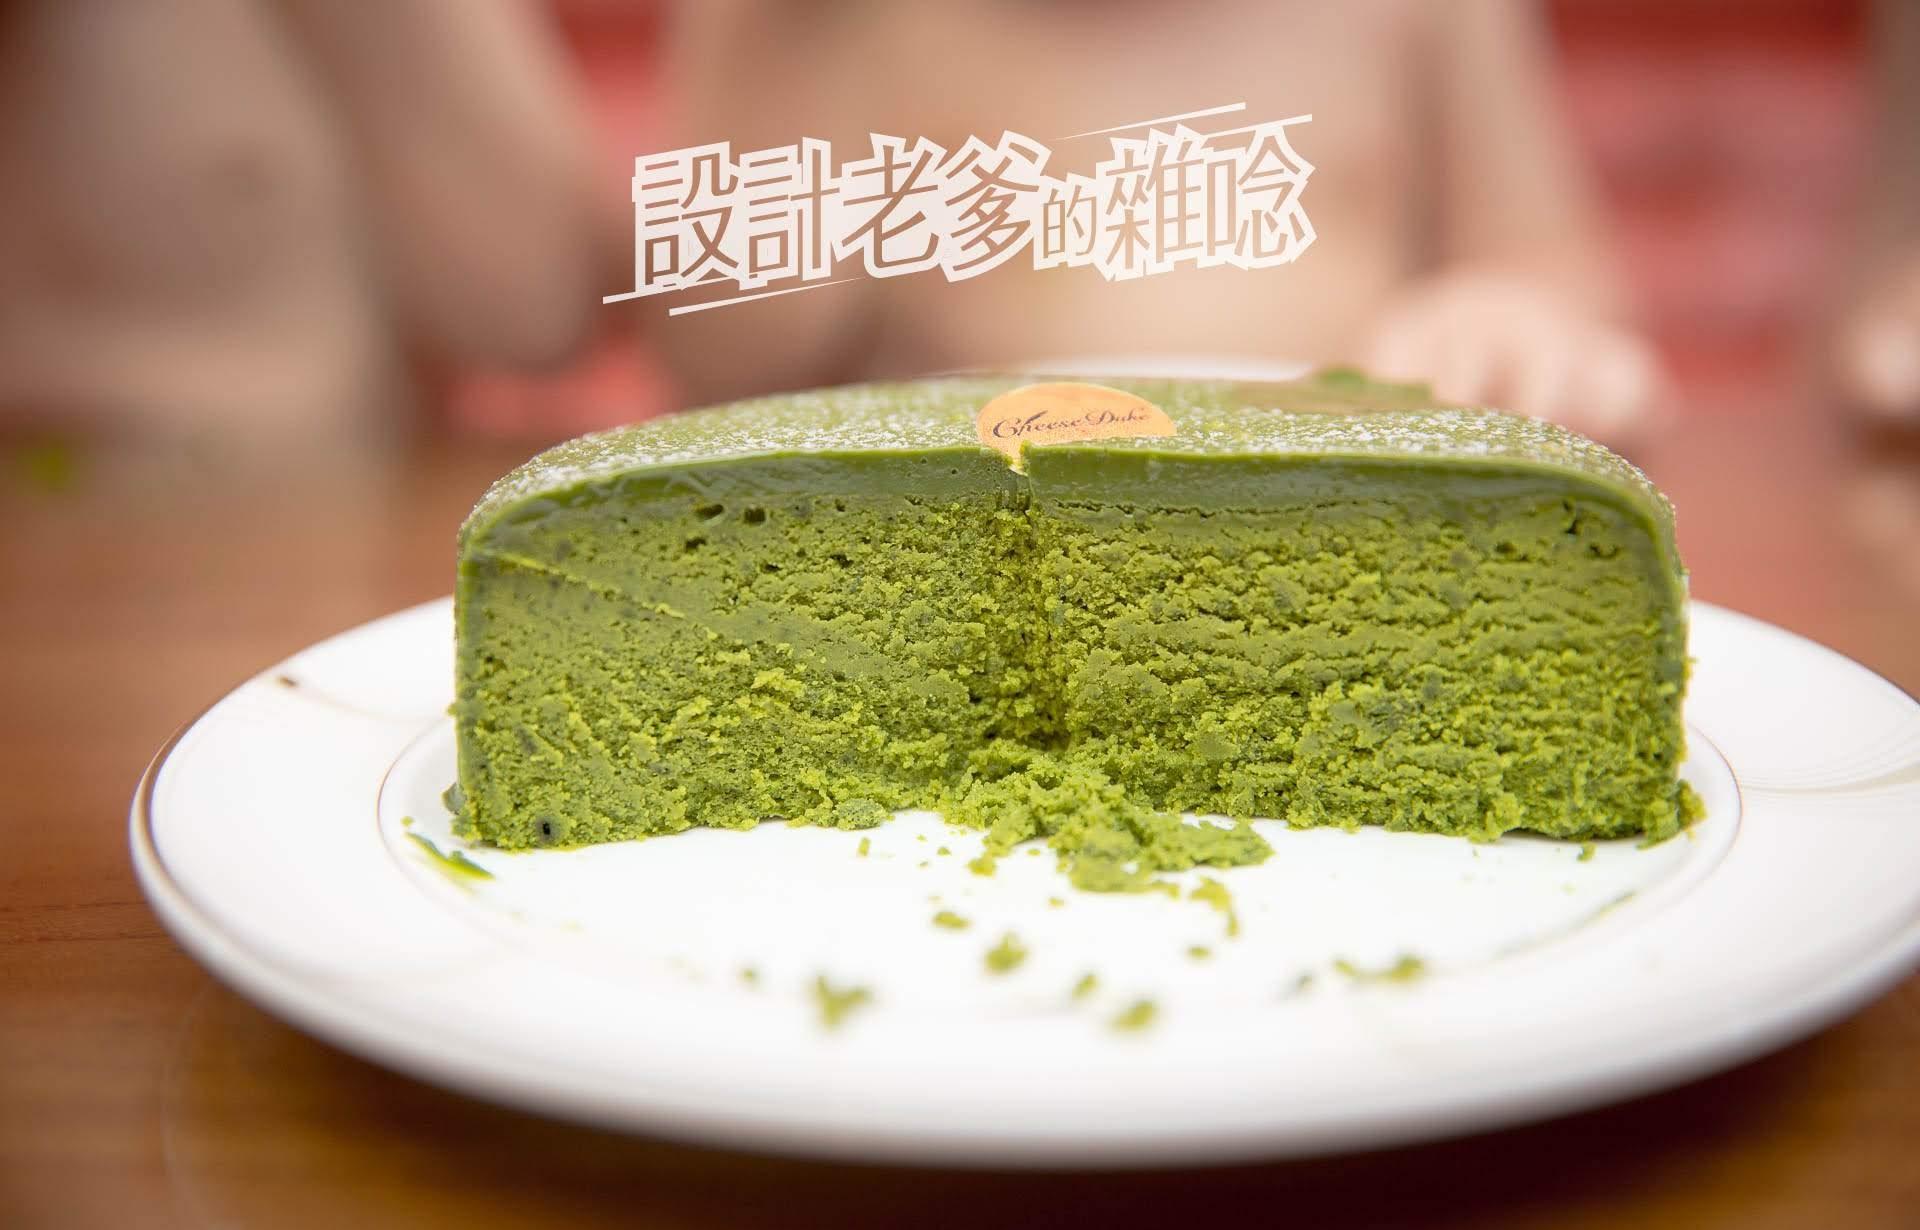 起士公爵彌月蛋糕-靜岡熔岩抹茶布朗尼/75%特濃皇家布朗尼...新朋友捎來的一份好好吃驚喜